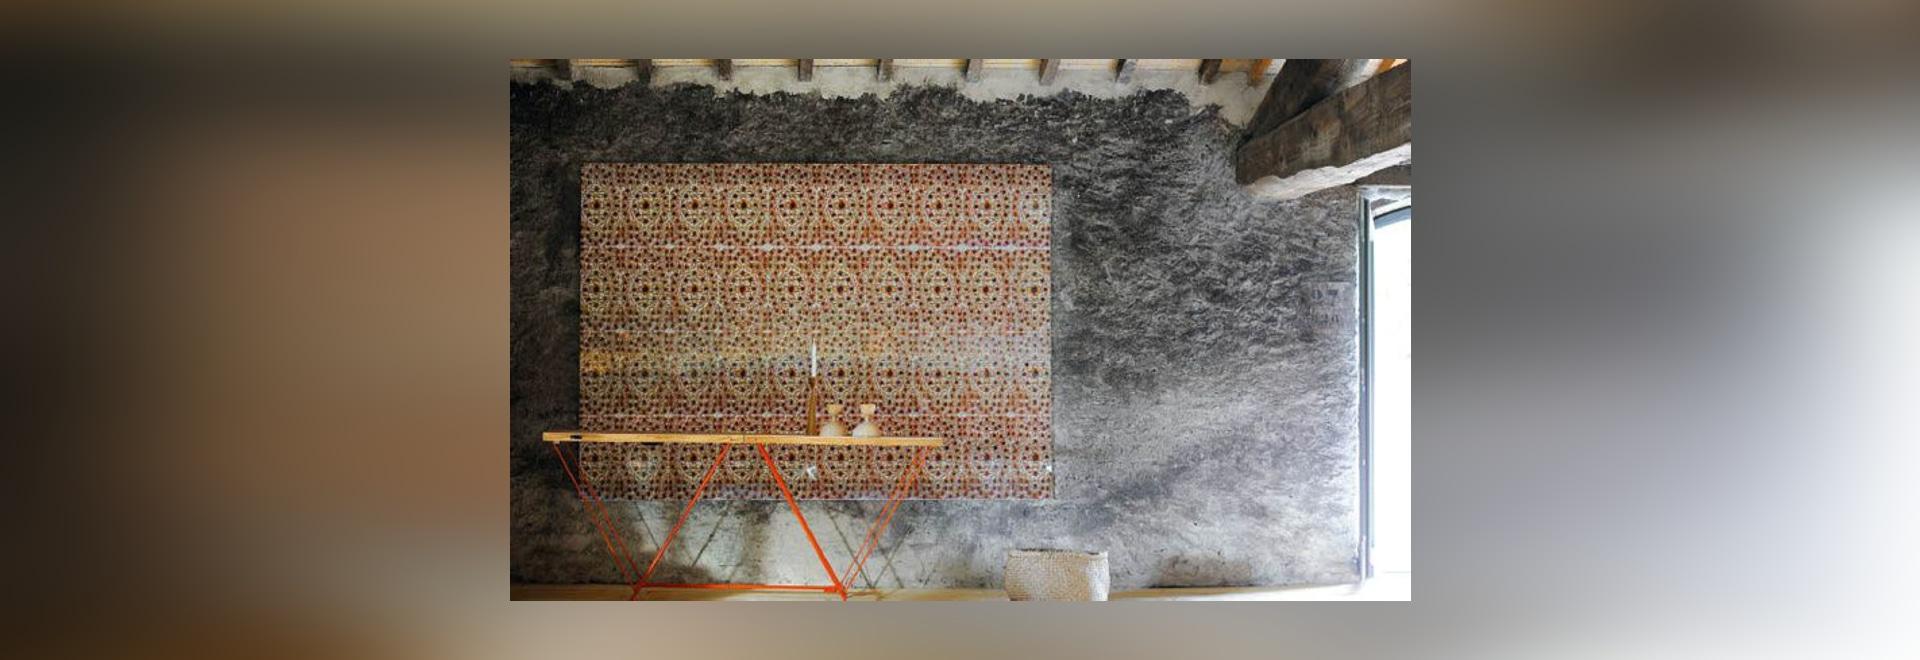 NOUVEAUTÉ : revêtement mural imprimé by Elitis